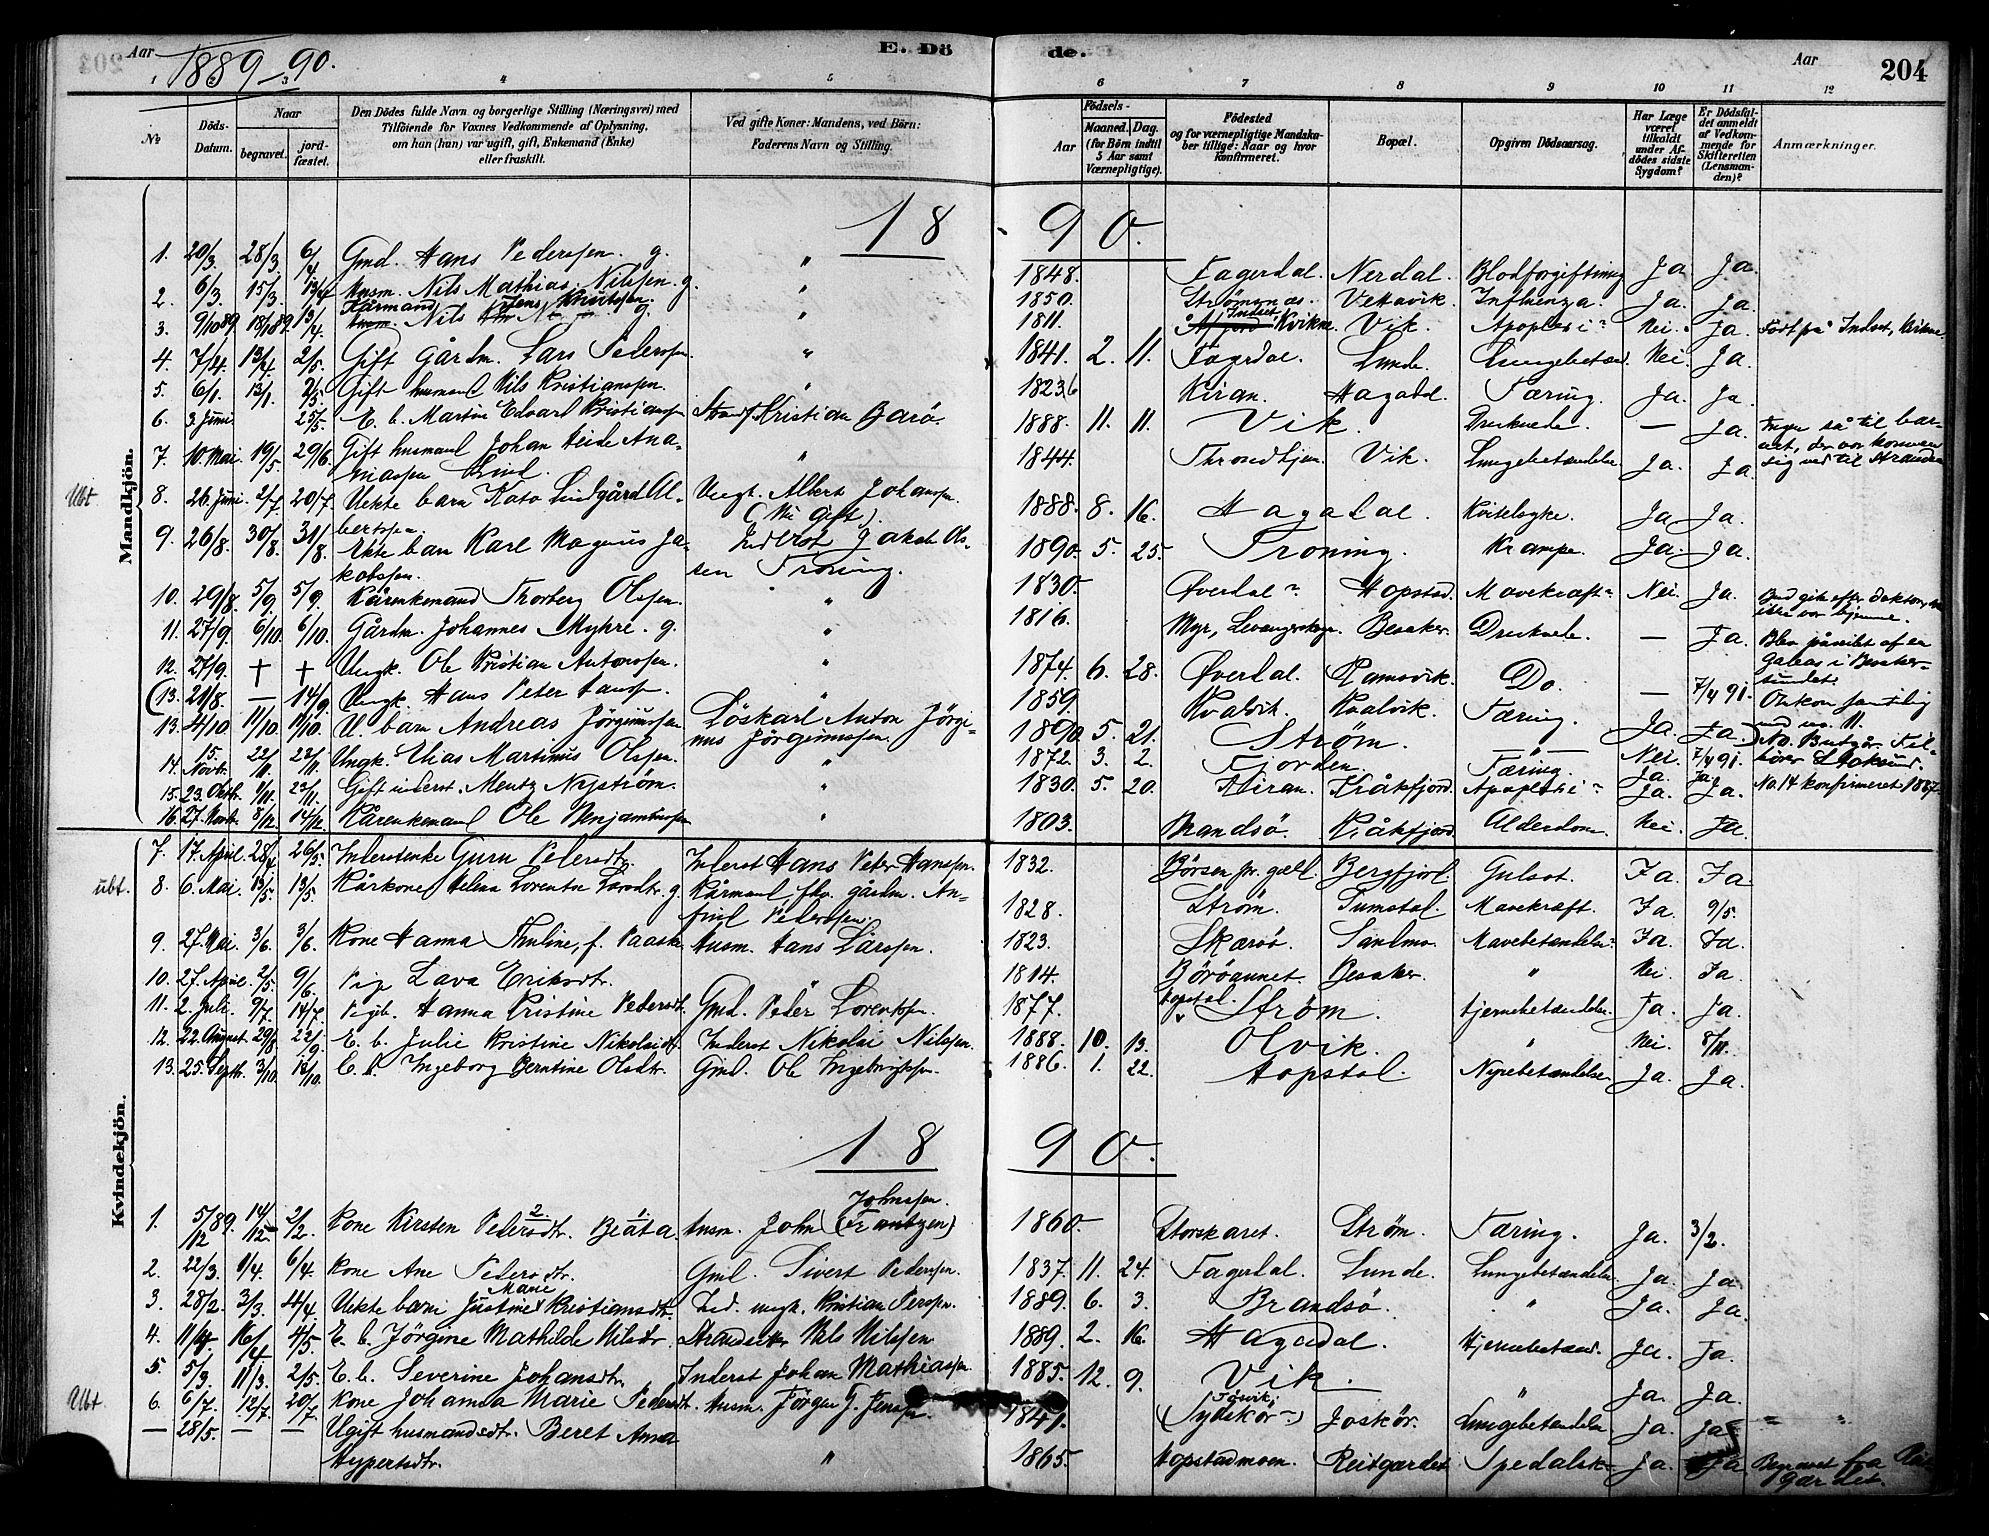 SAT, Ministerialprotokoller, klokkerbøker og fødselsregistre - Sør-Trøndelag, 657/L0707: Ministerialbok nr. 657A08, 1879-1893, s. 204